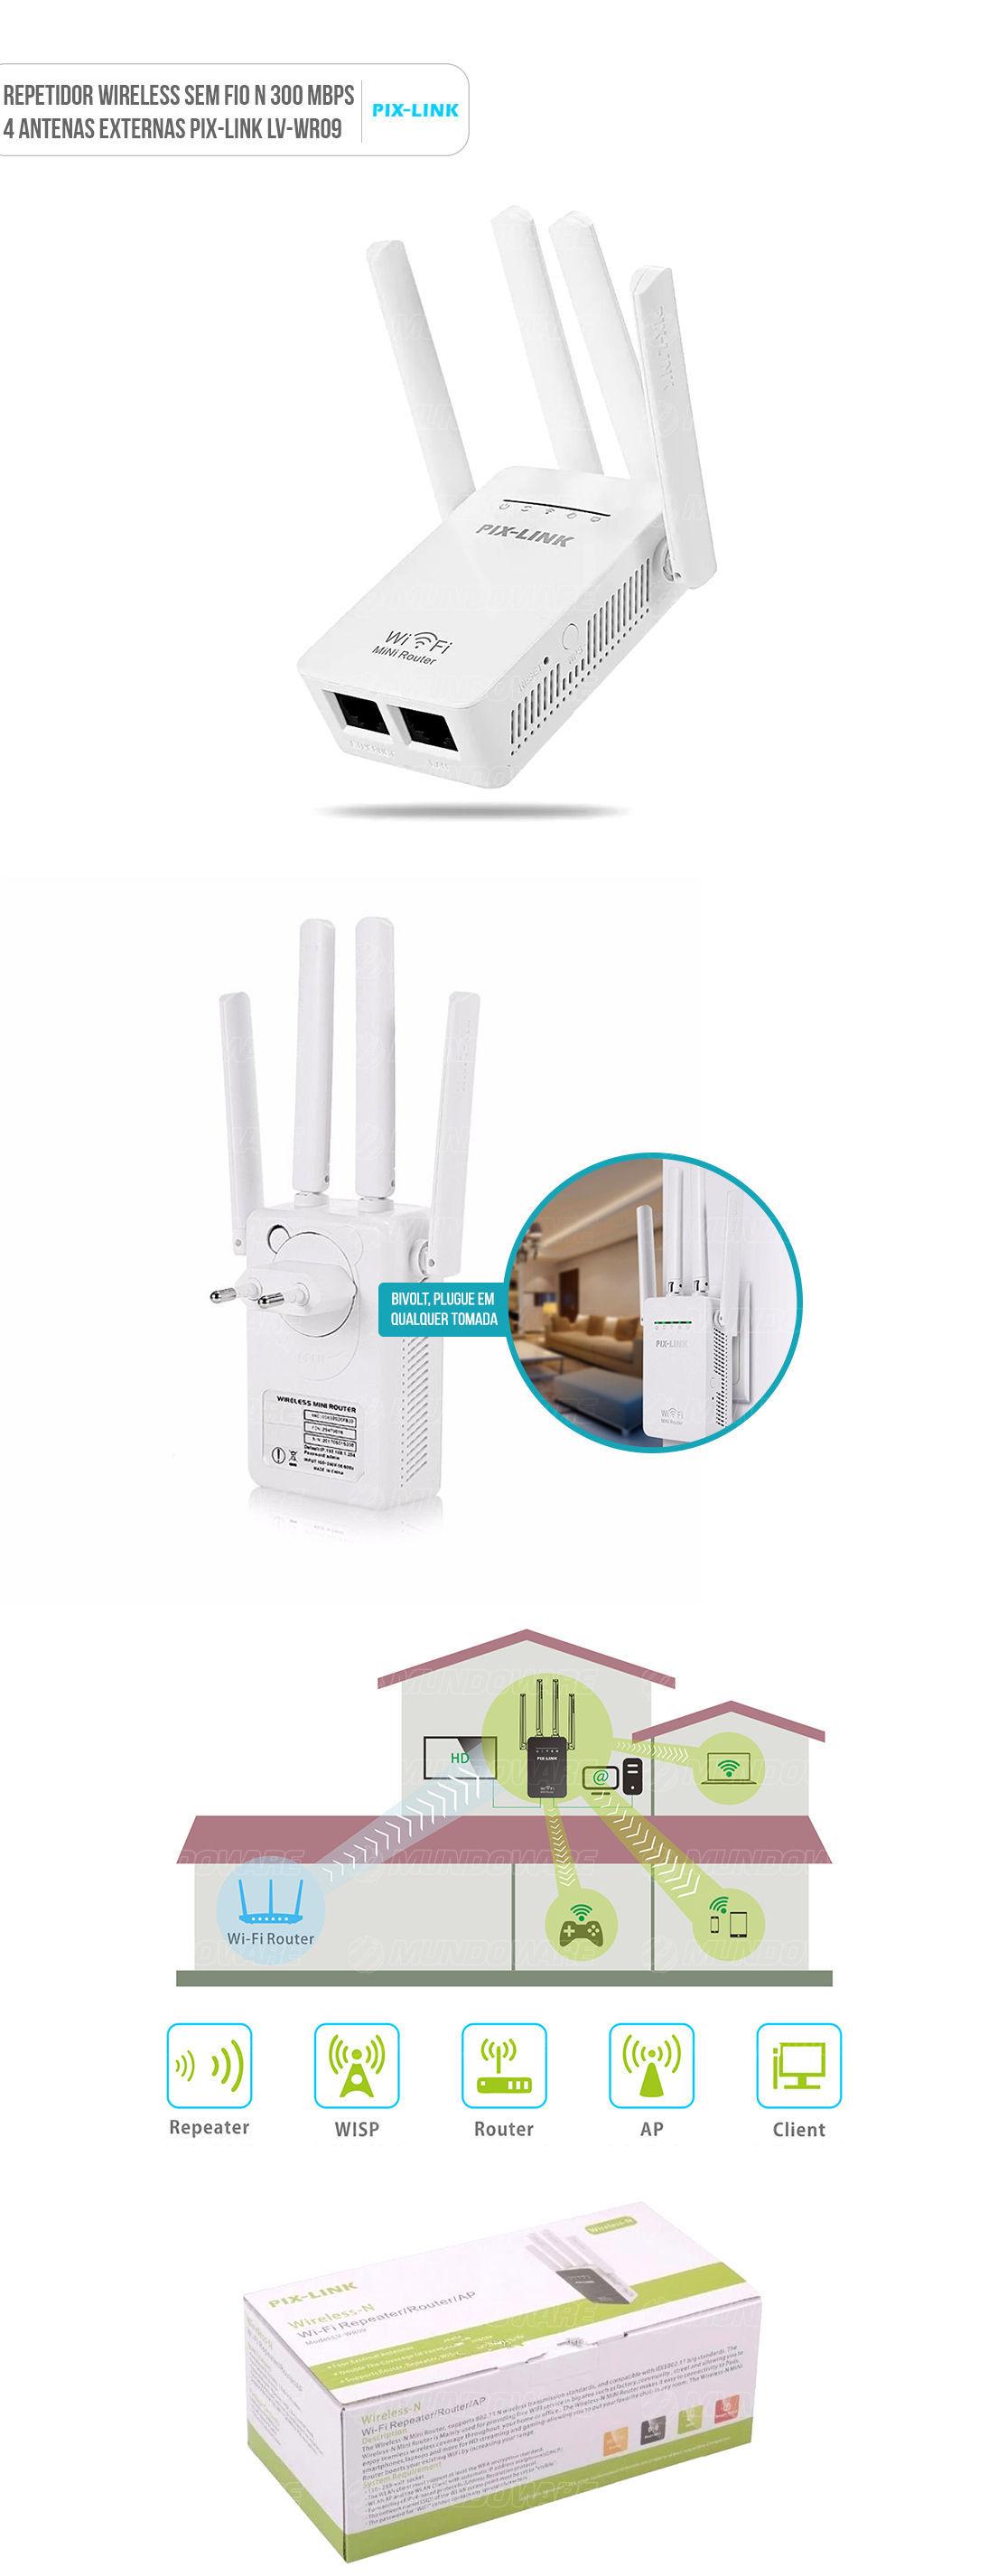 Repetidor Amplificador Wireless 300mbps de parede quatro antenas externas wifi